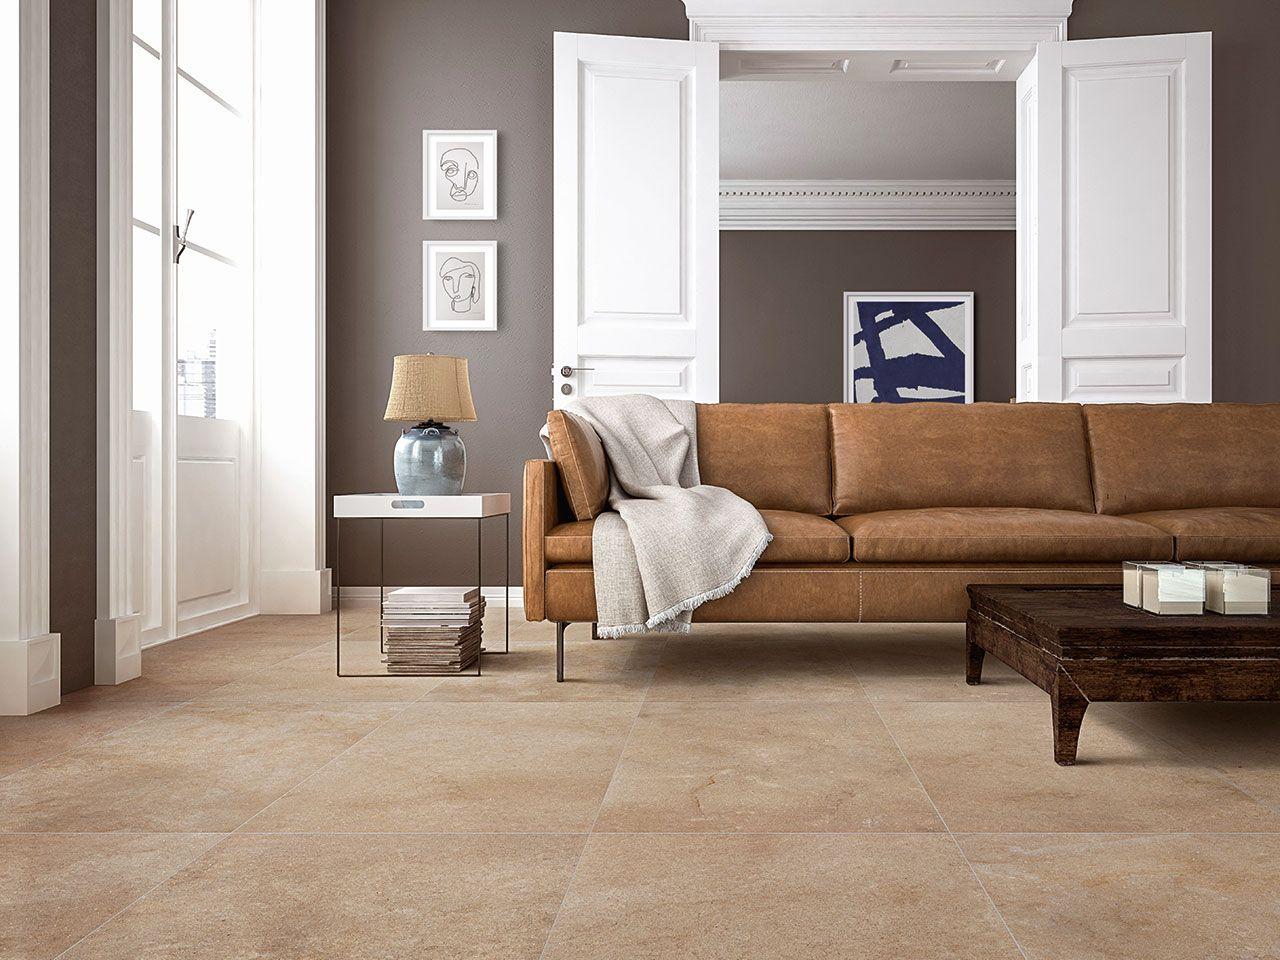 Gres porcellanato effetto pietra di gerusalemme serie sandstone